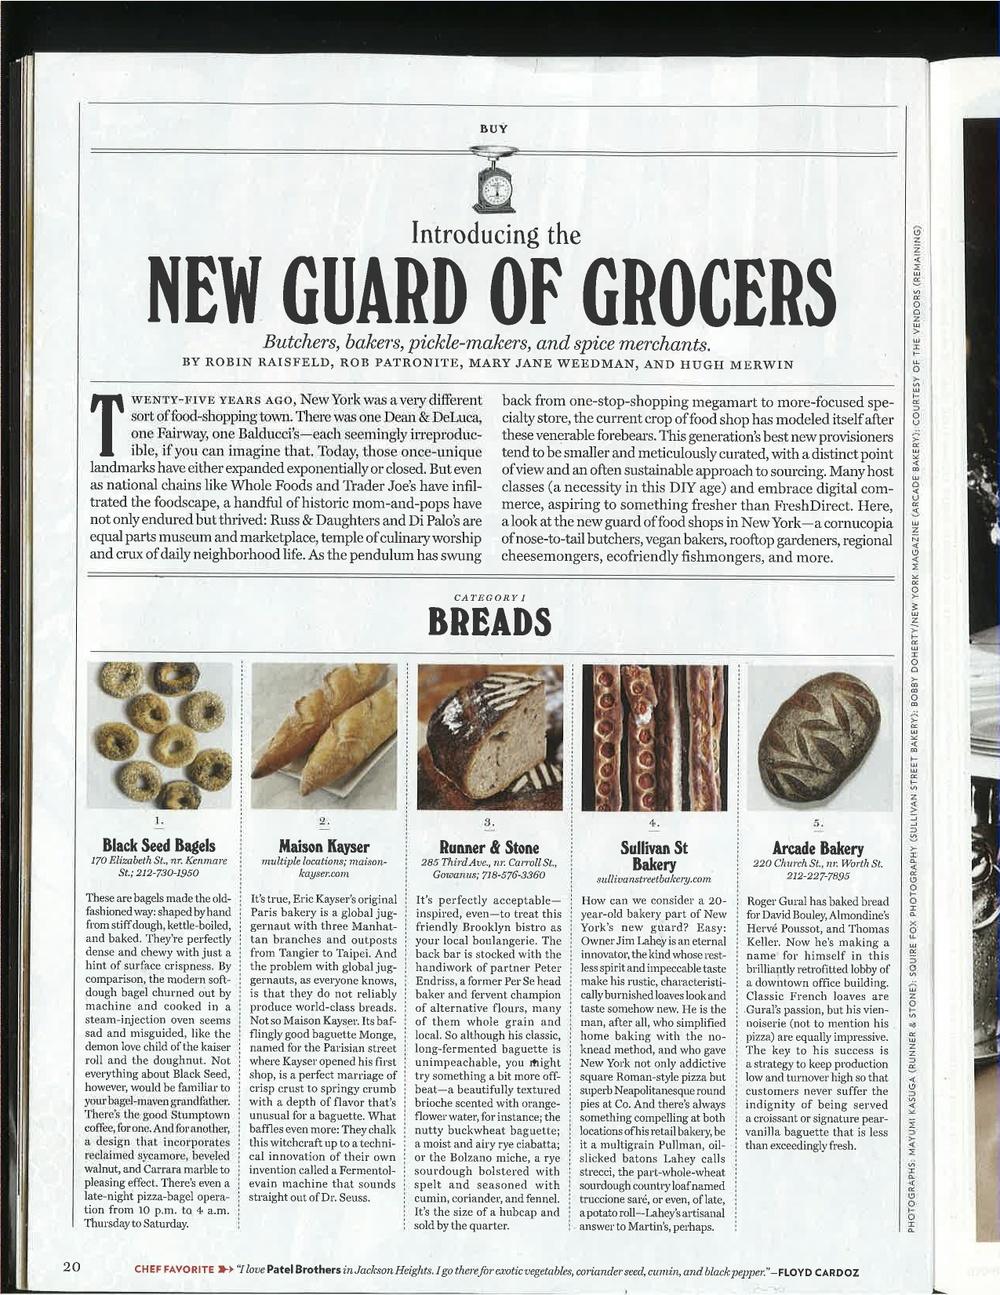 New York Magazine (Nov 2014) (7) 1.jpg